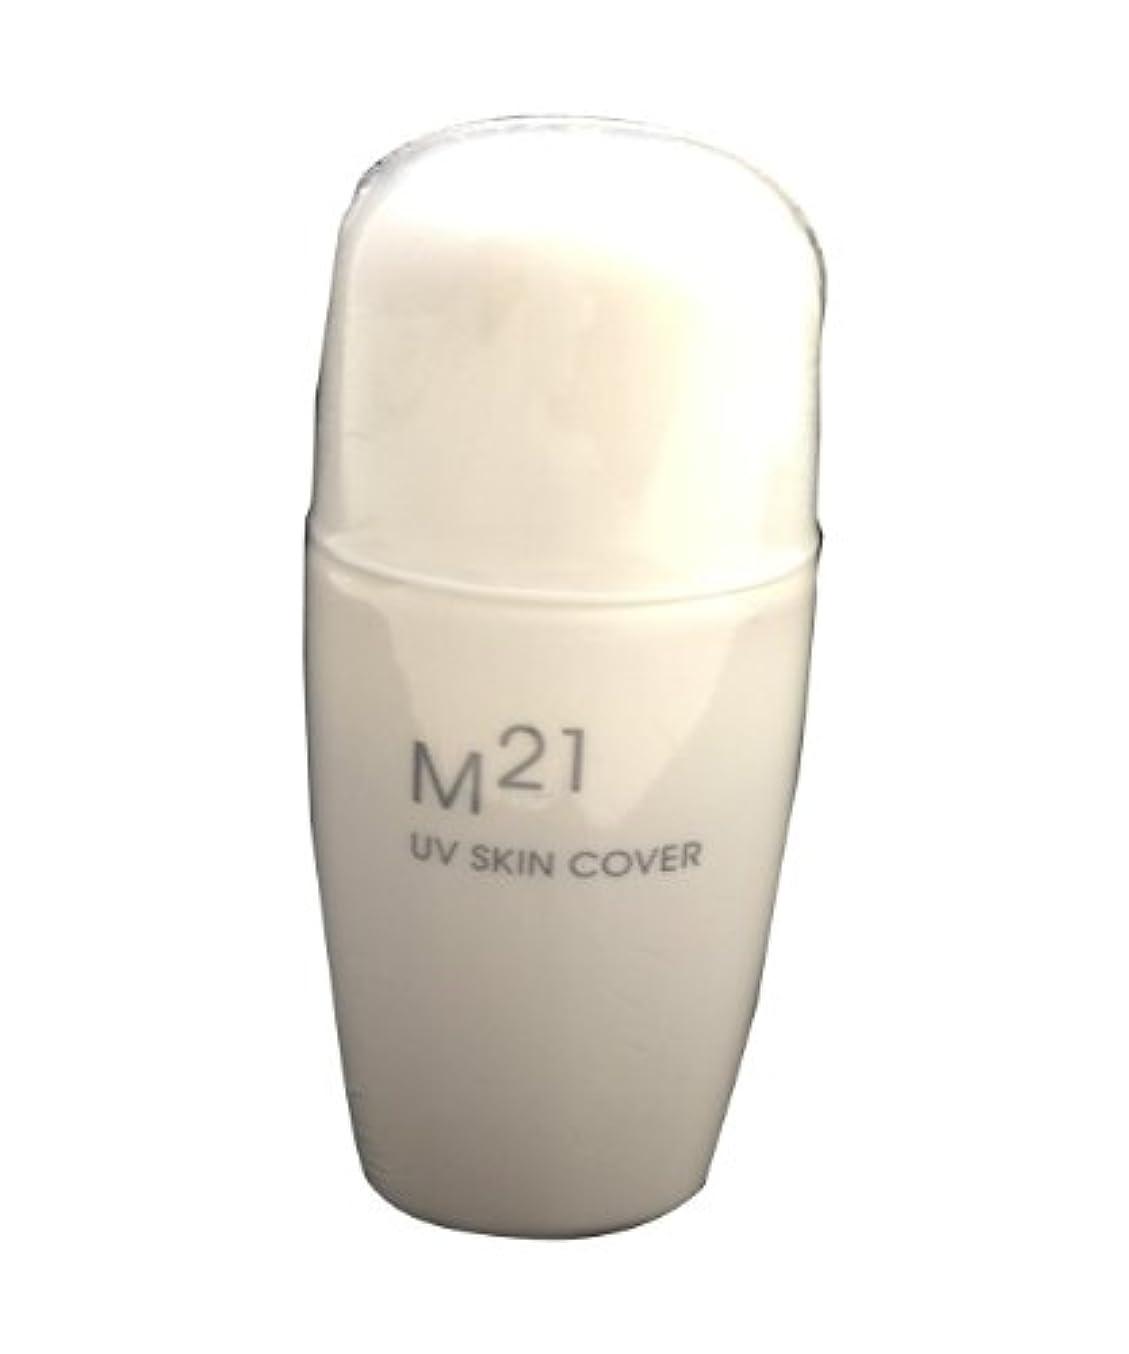 ピニオン人里離れた製作M21UVスキンカバー 自然化粧品M21